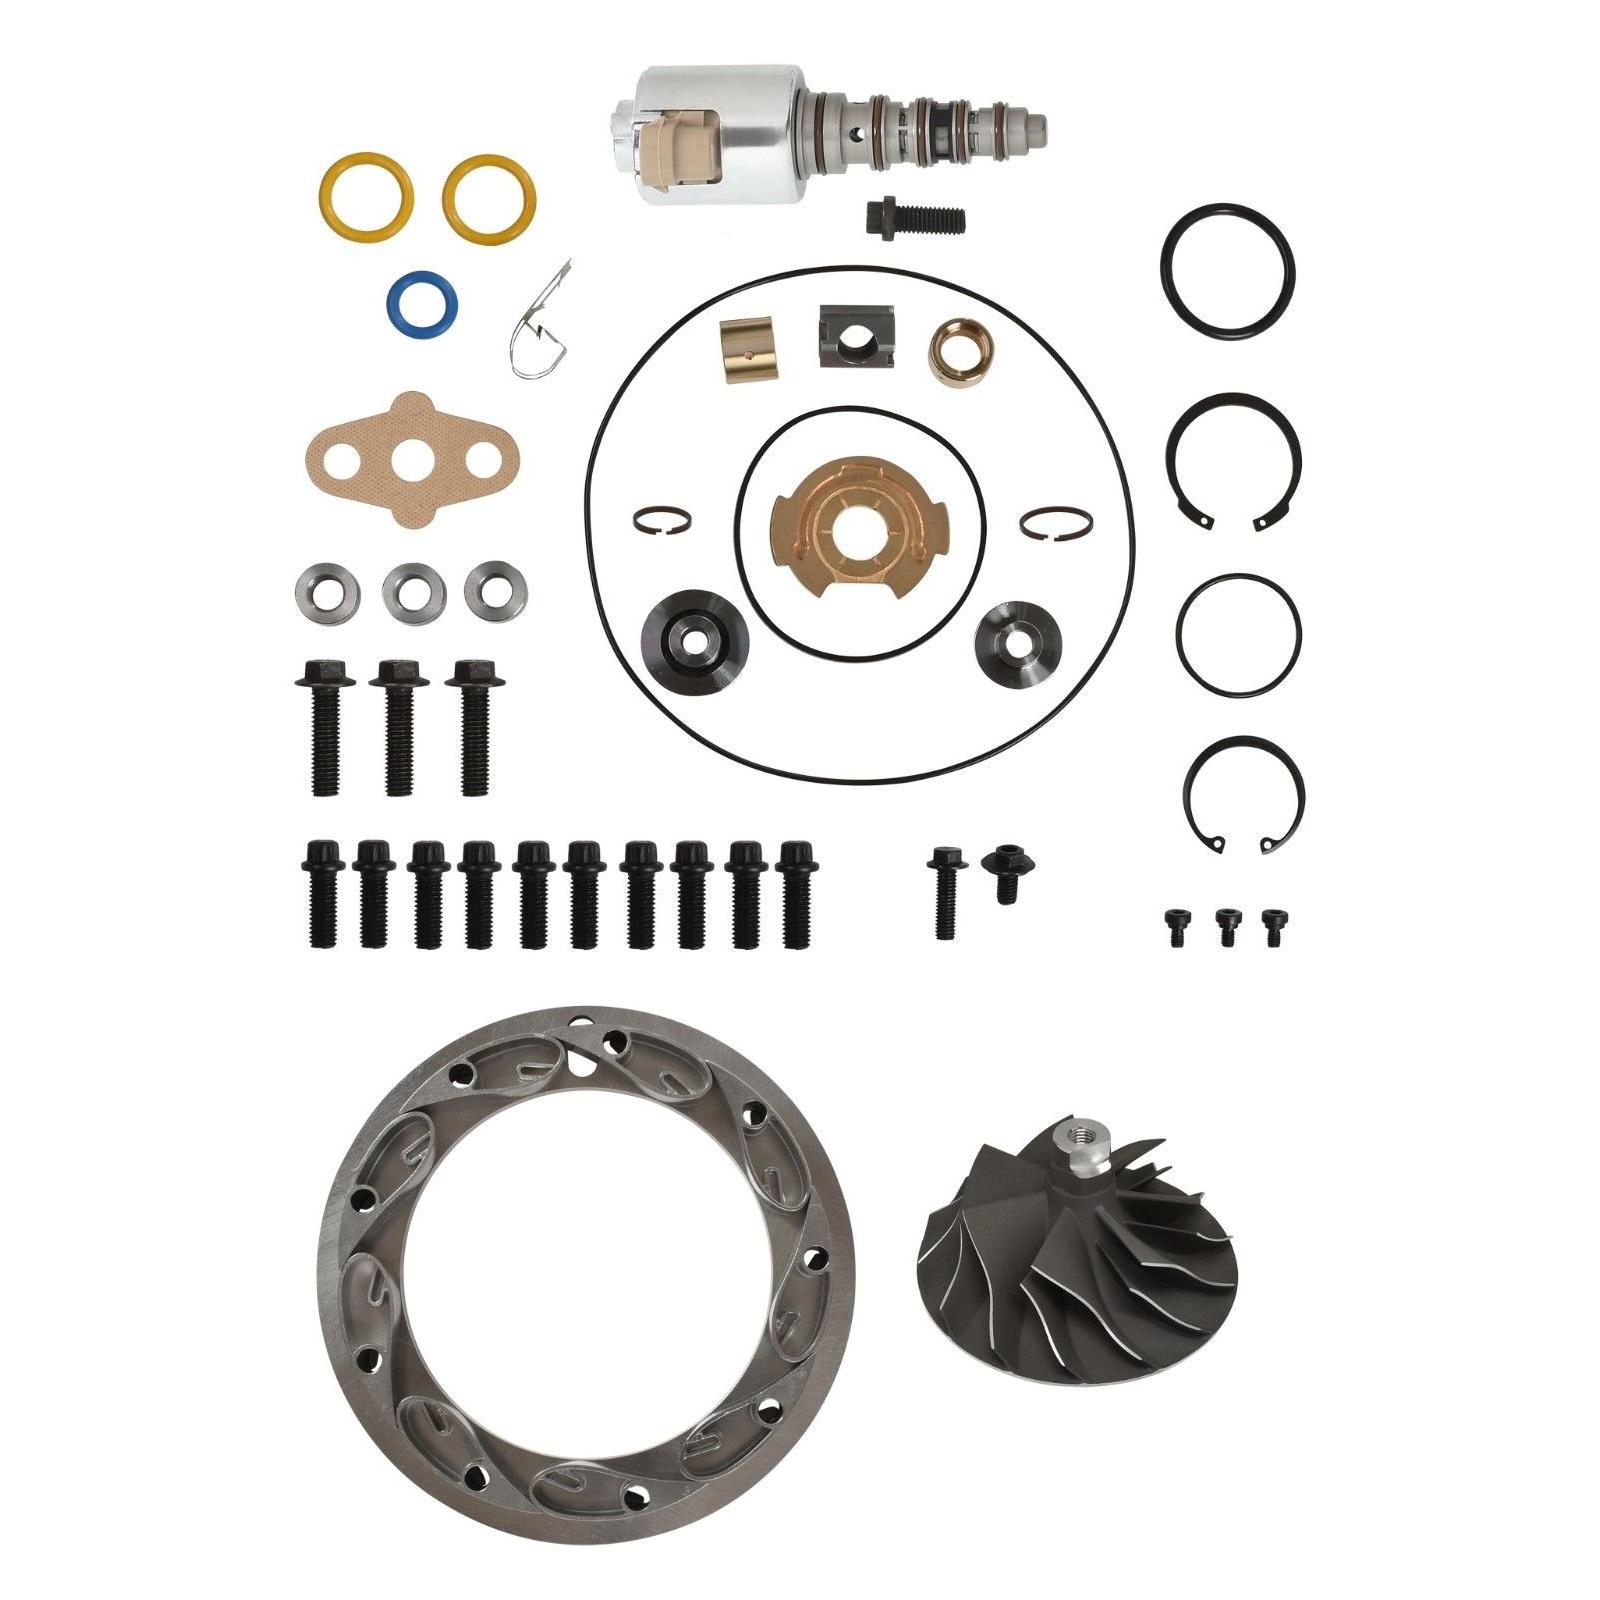 Ford 6.0 L Powerstroke Turbocharger Rebuild Kit OEM GARRETT